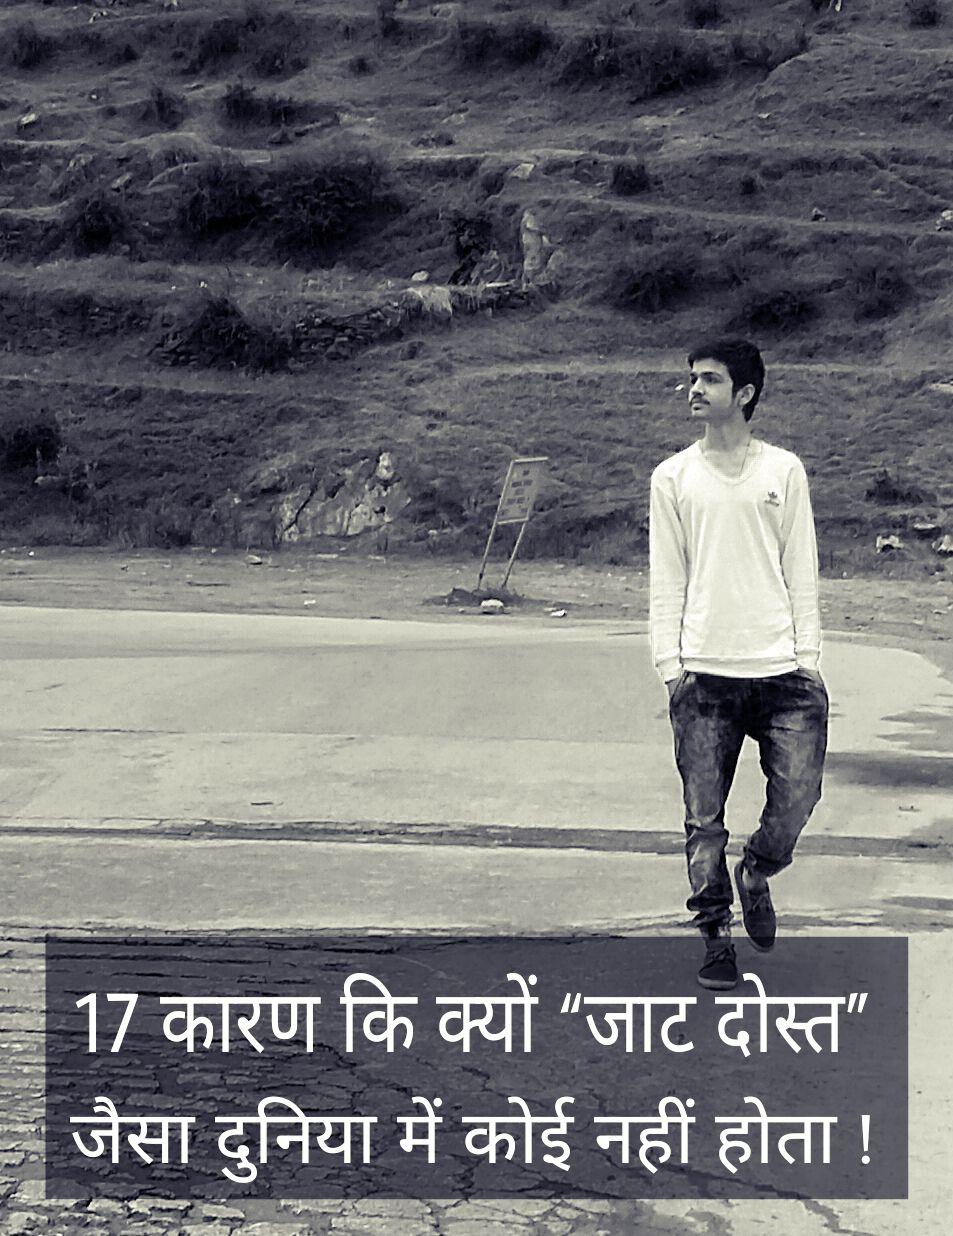 ankit banger jat in hindi